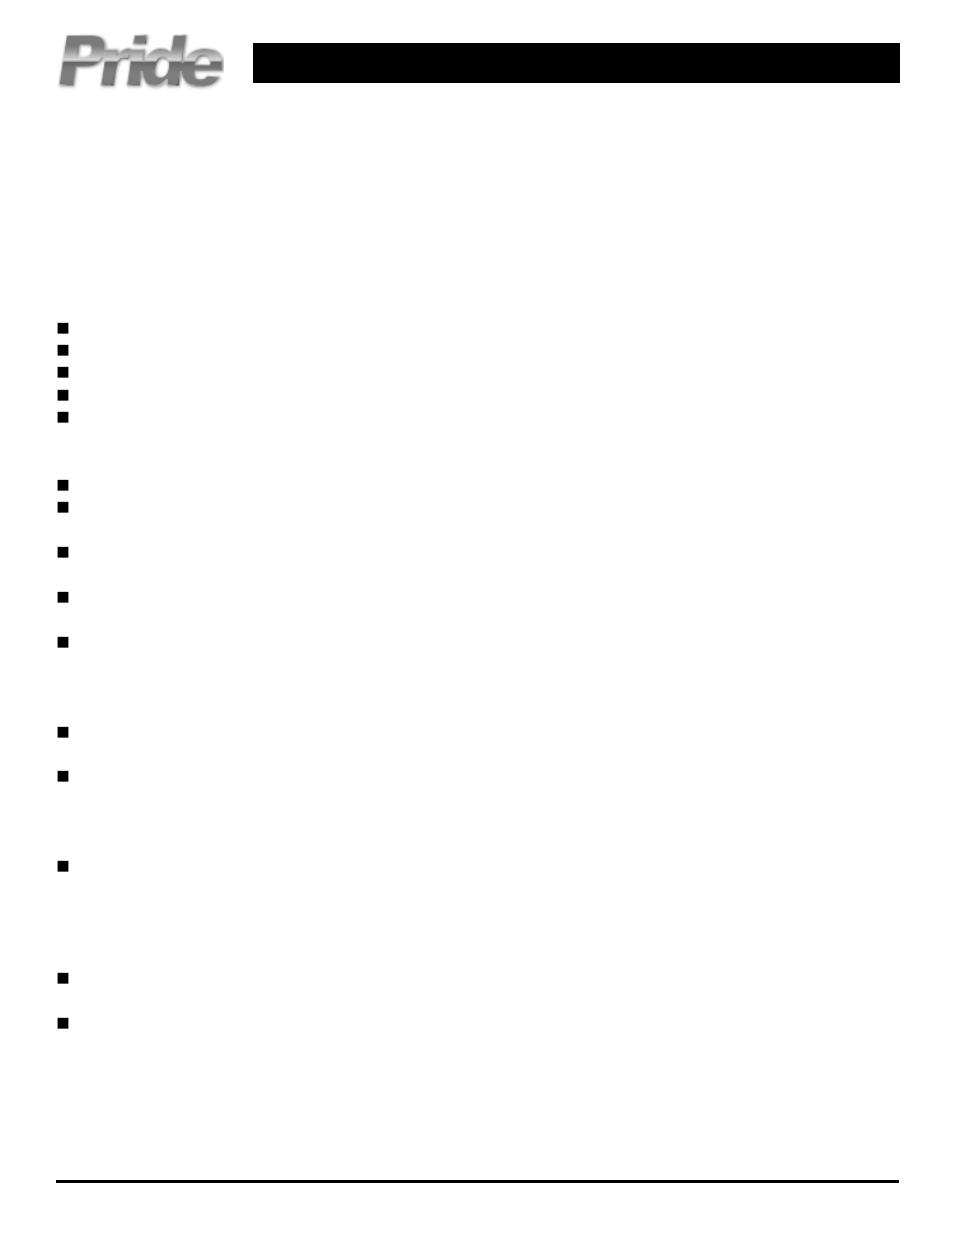 pride mobility jet 3 ultra user manual 4 pages. Black Bedroom Furniture Sets. Home Design Ideas